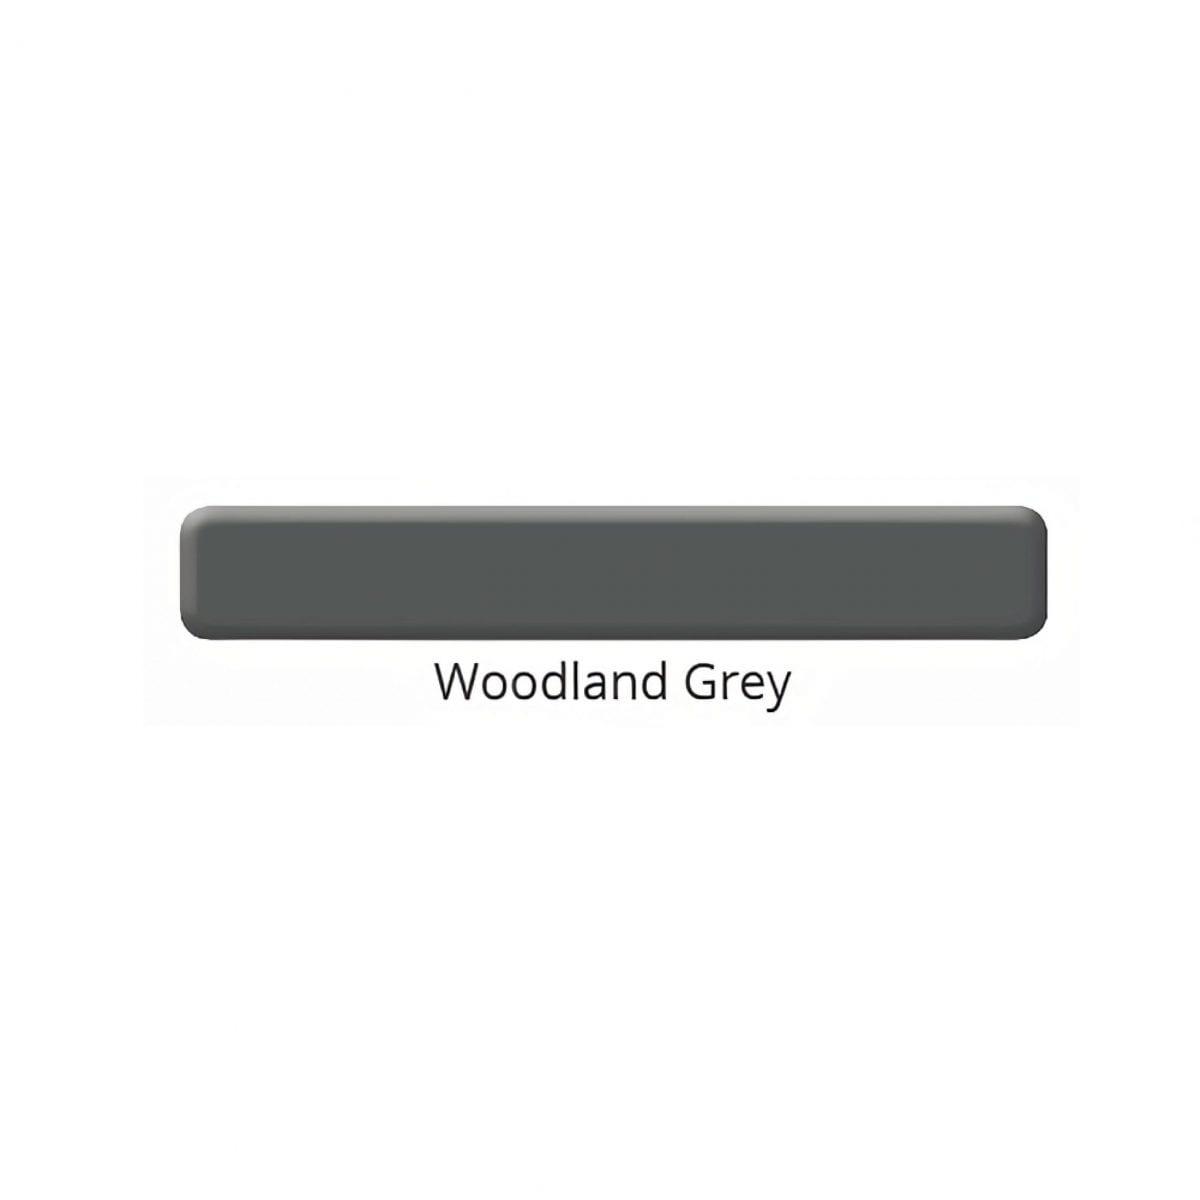 Woodland grey color